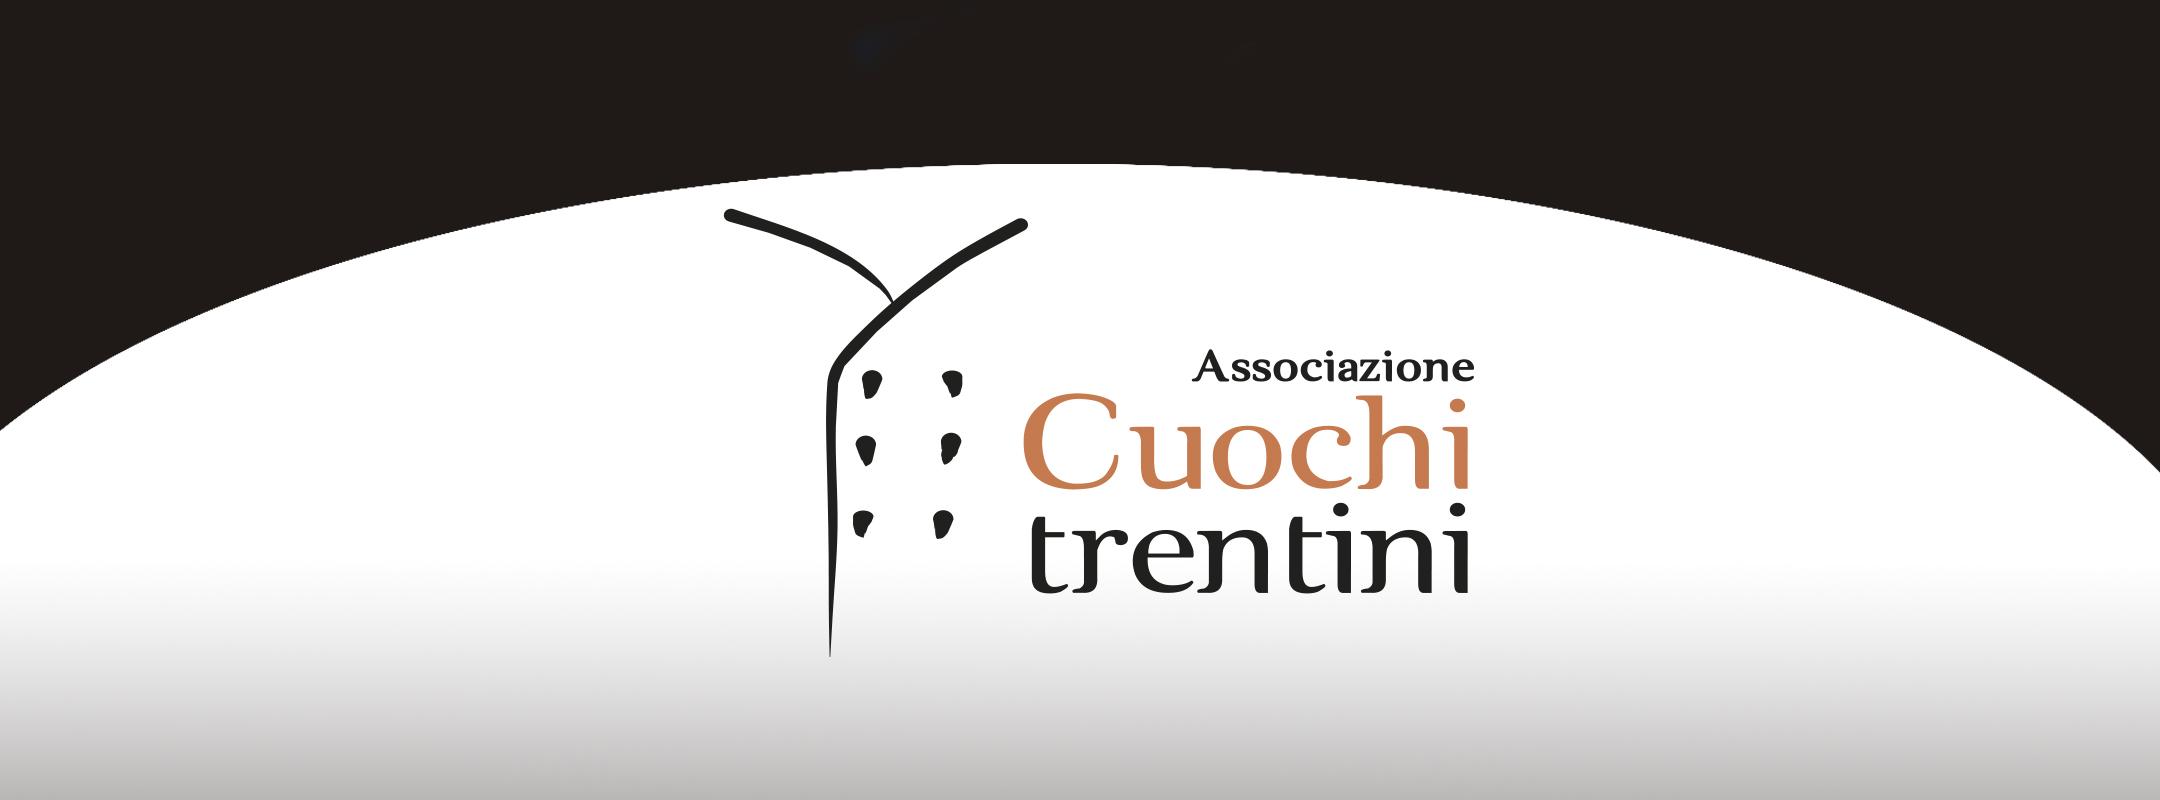 Continua la collaborazione tra Pregis e l'Associazione Cuochi Trentini